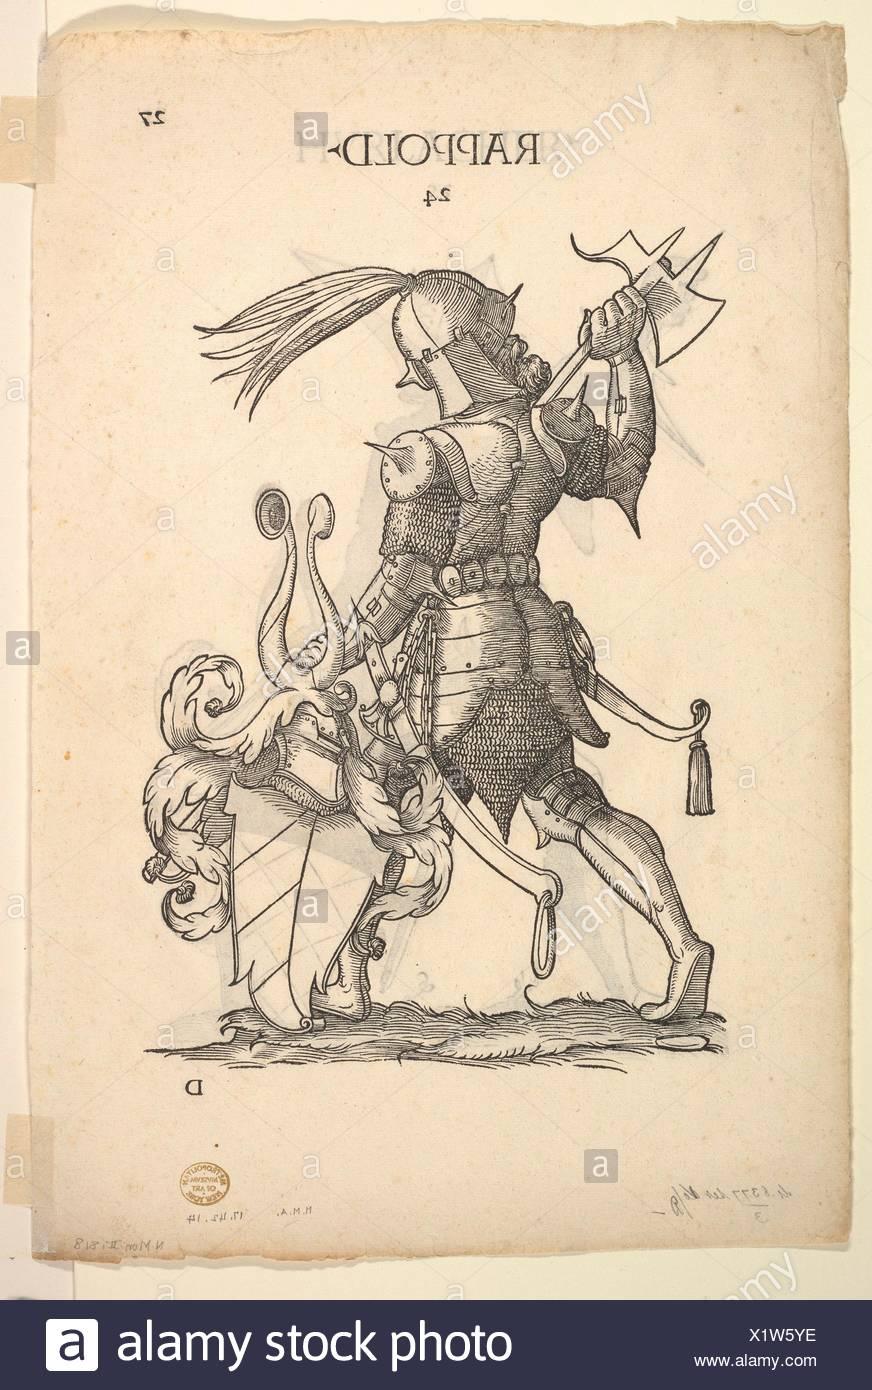 Hurlacher (recto) and Rappold (verso) Families, from Paul Hector Mair´s Bericht und anzeigen aller Herren Geschlecht der loblichen Statt Augspurg. Stock Photo